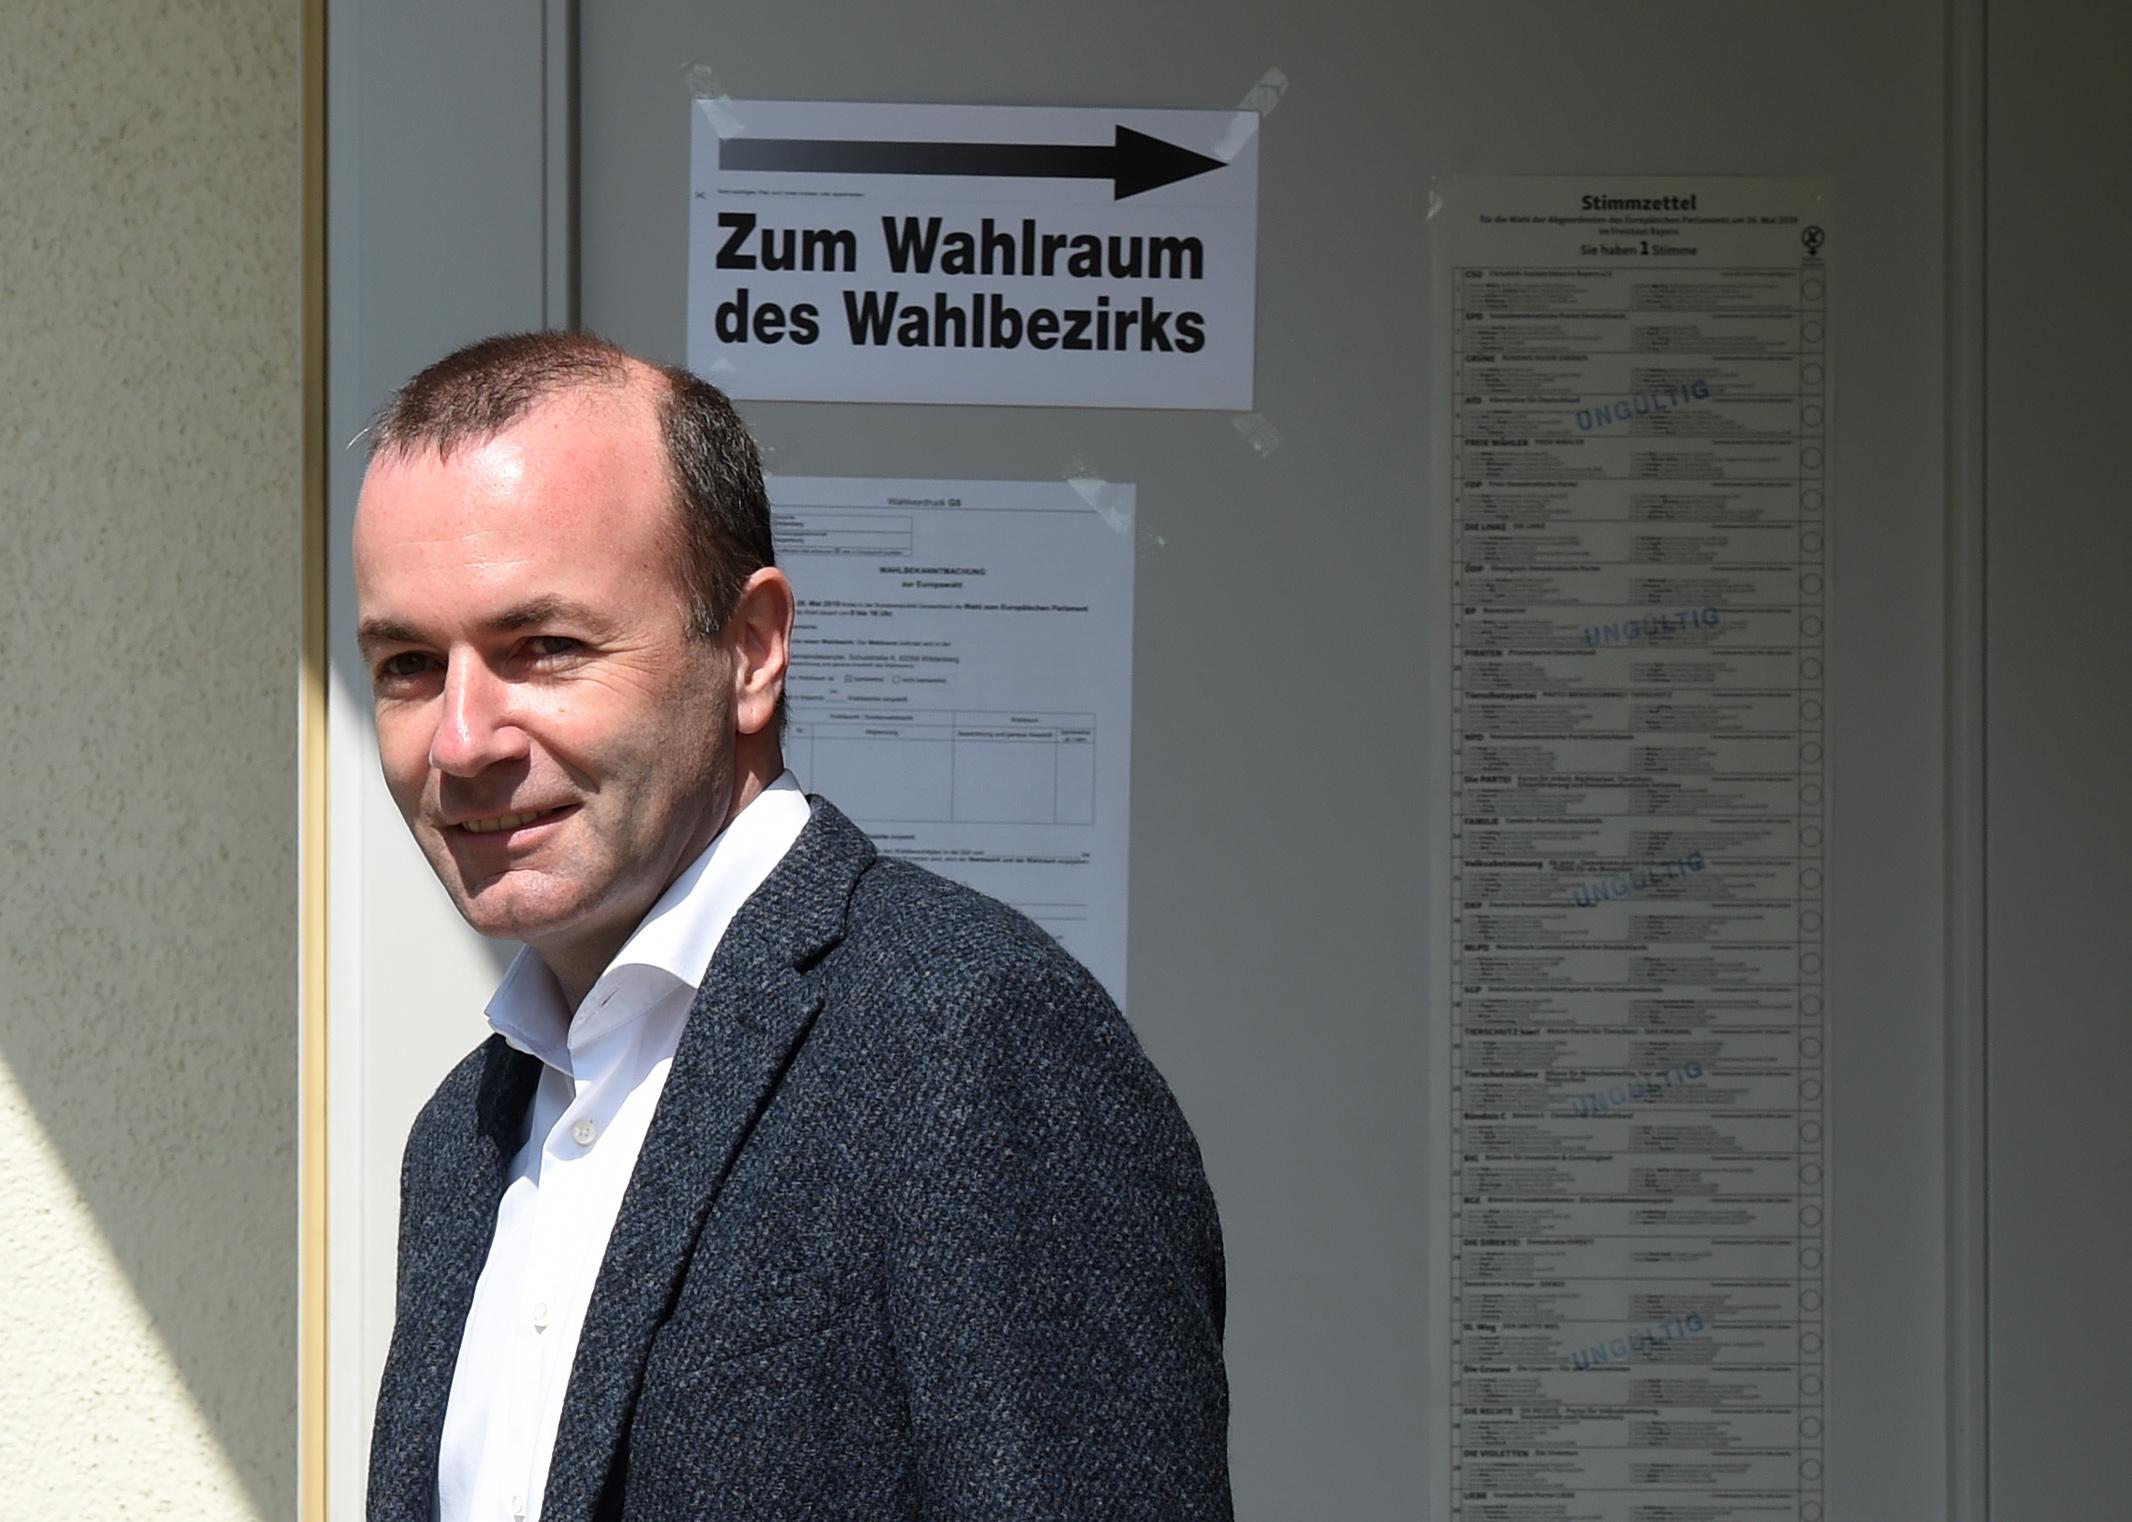 Manfred Weber: Meg fogjuk védeni Európát a nacionalistáktól